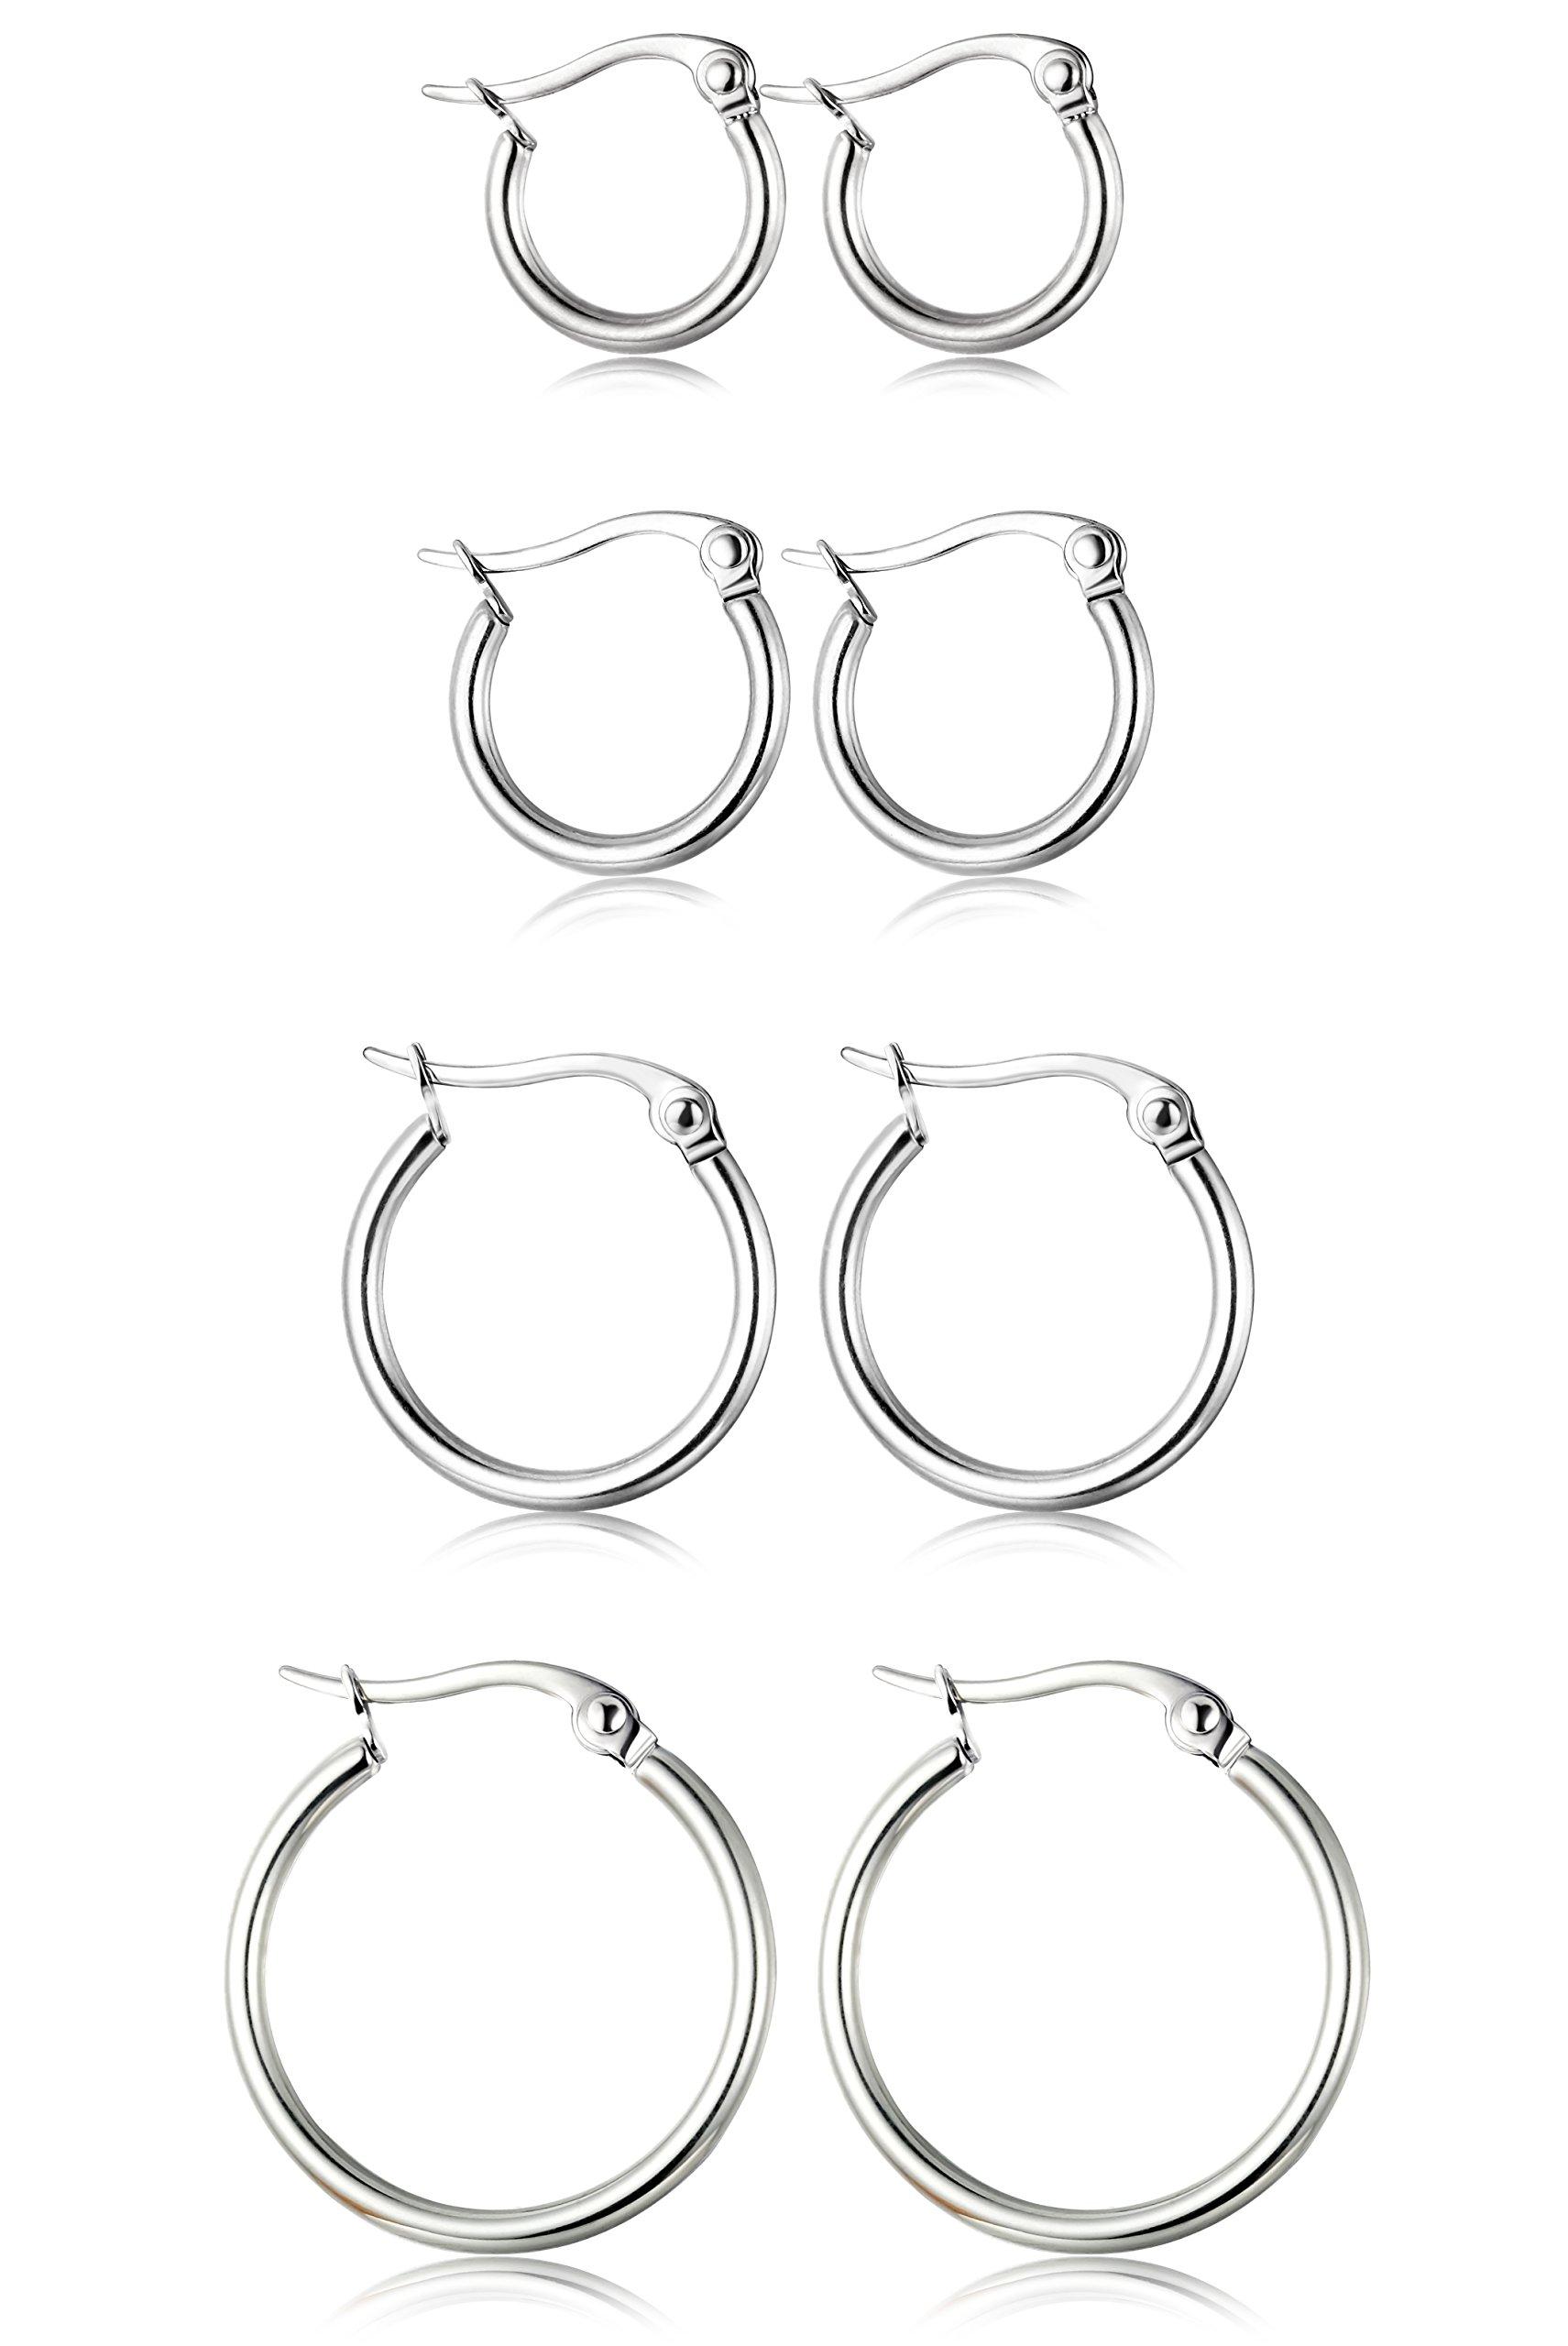 ORAZIO 4 Pairs Stainless Steel Hoop Earrings Set Cute Huggie Earrings for Womena,Silver-Tone,10MM-20MM